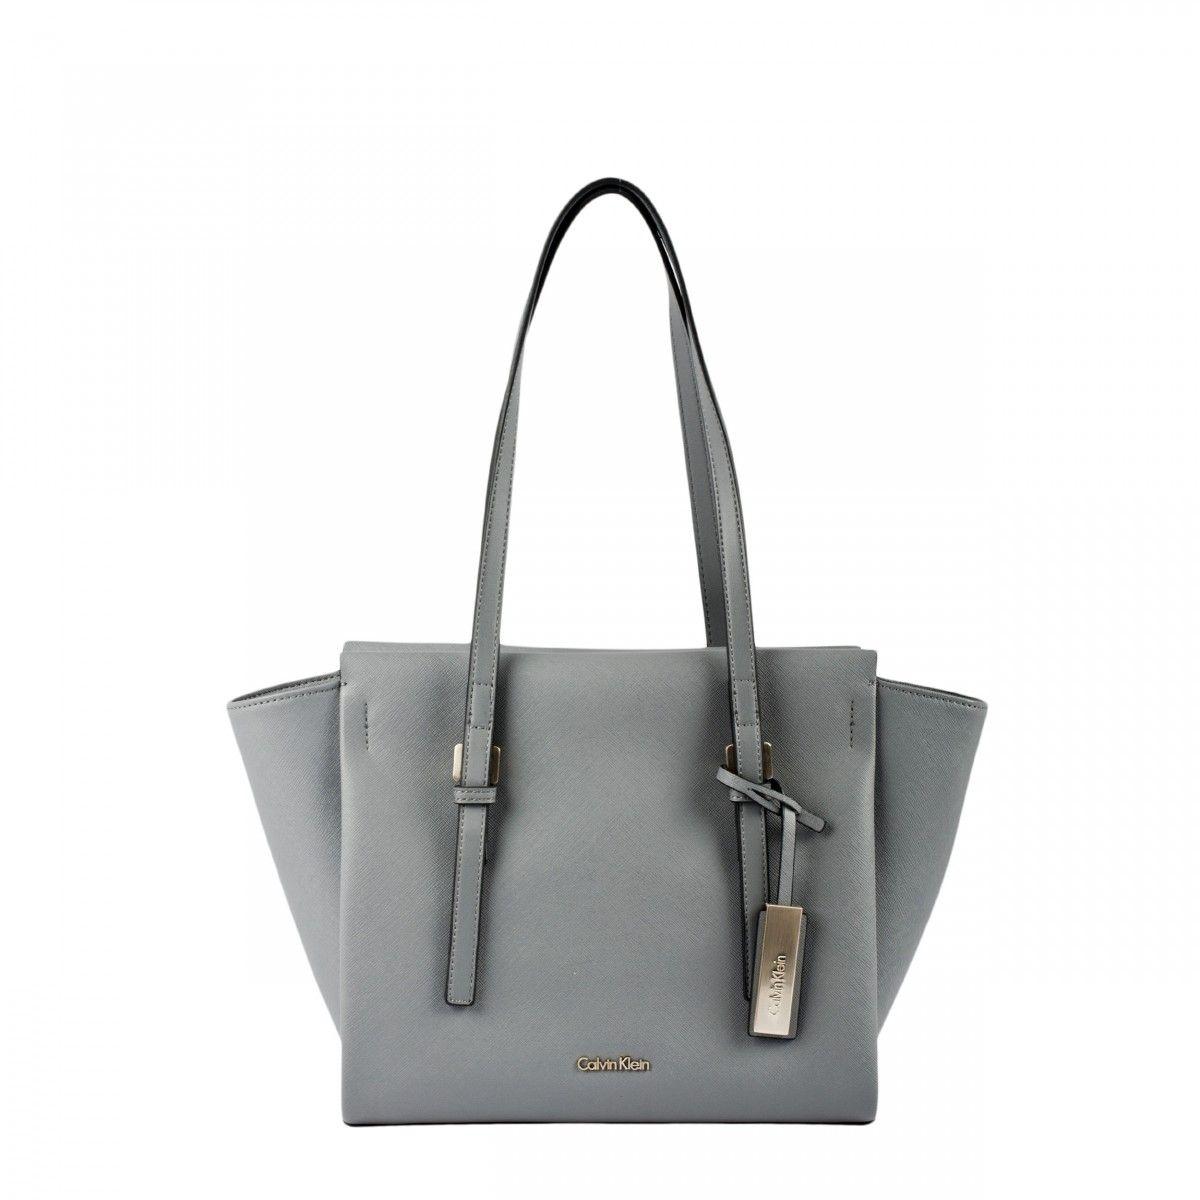 Sac Calvin Klein - Petit cabas porté épaule Marissa   Sélection ... 2e056362e59